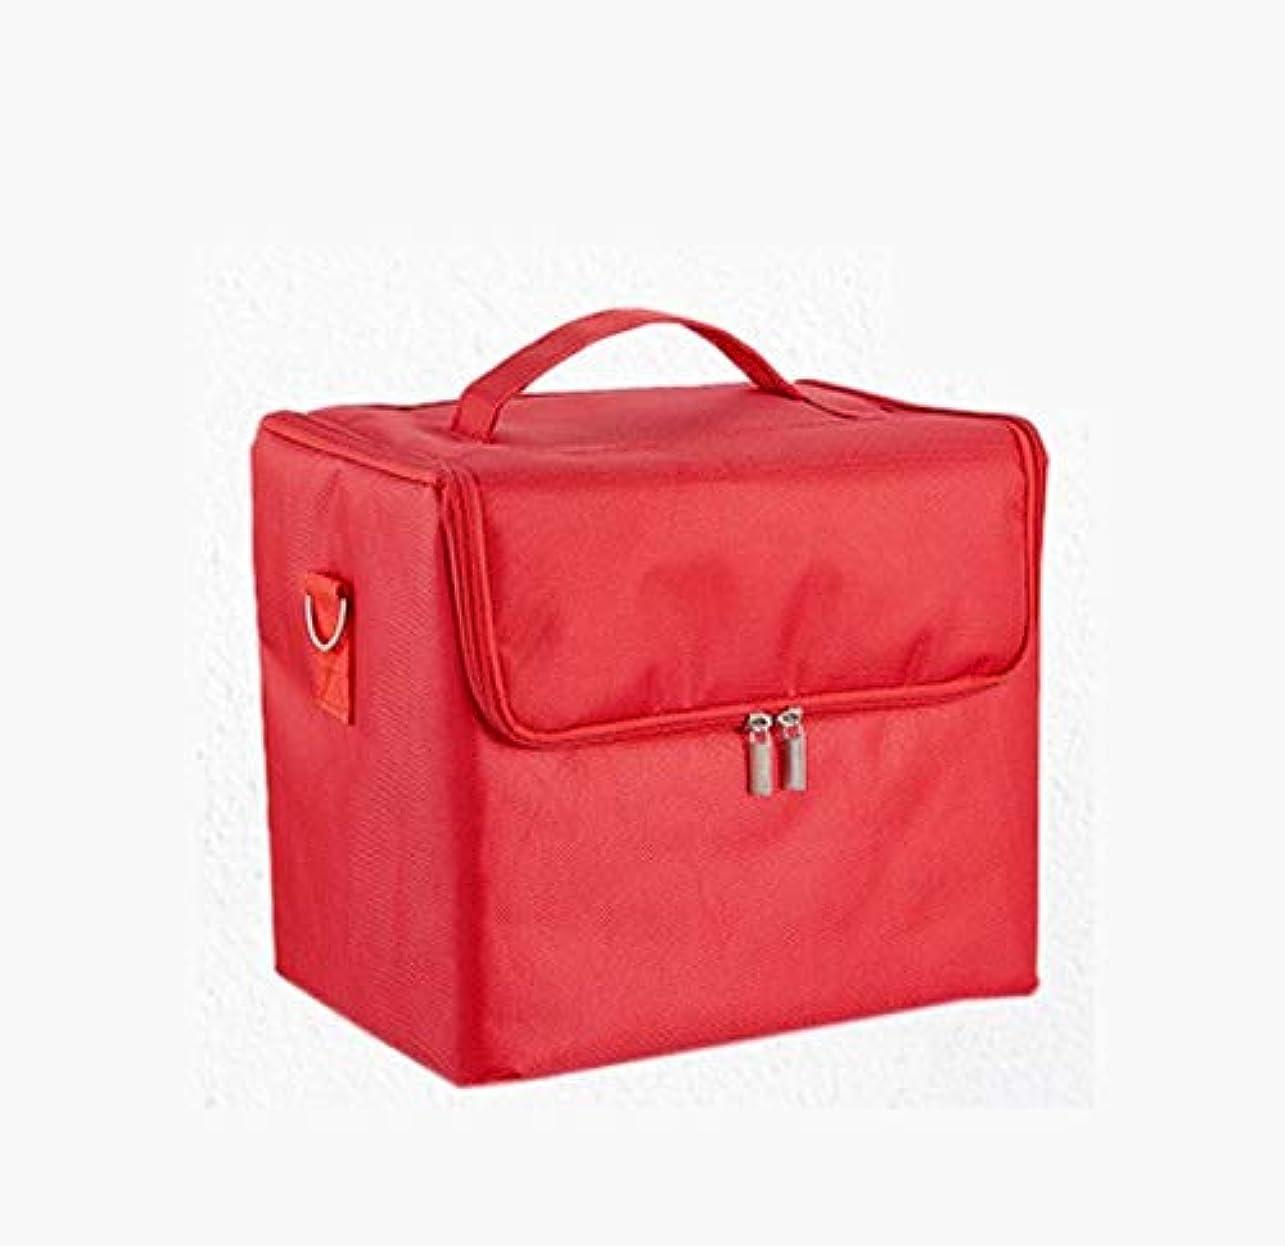 任命する前者踏み台化粧箱、大容量多機能防水化粧品ケース、携帯用旅行化粧品袋収納袋、美容化粧ネイルジュエリー収納箱 (Color : Red)